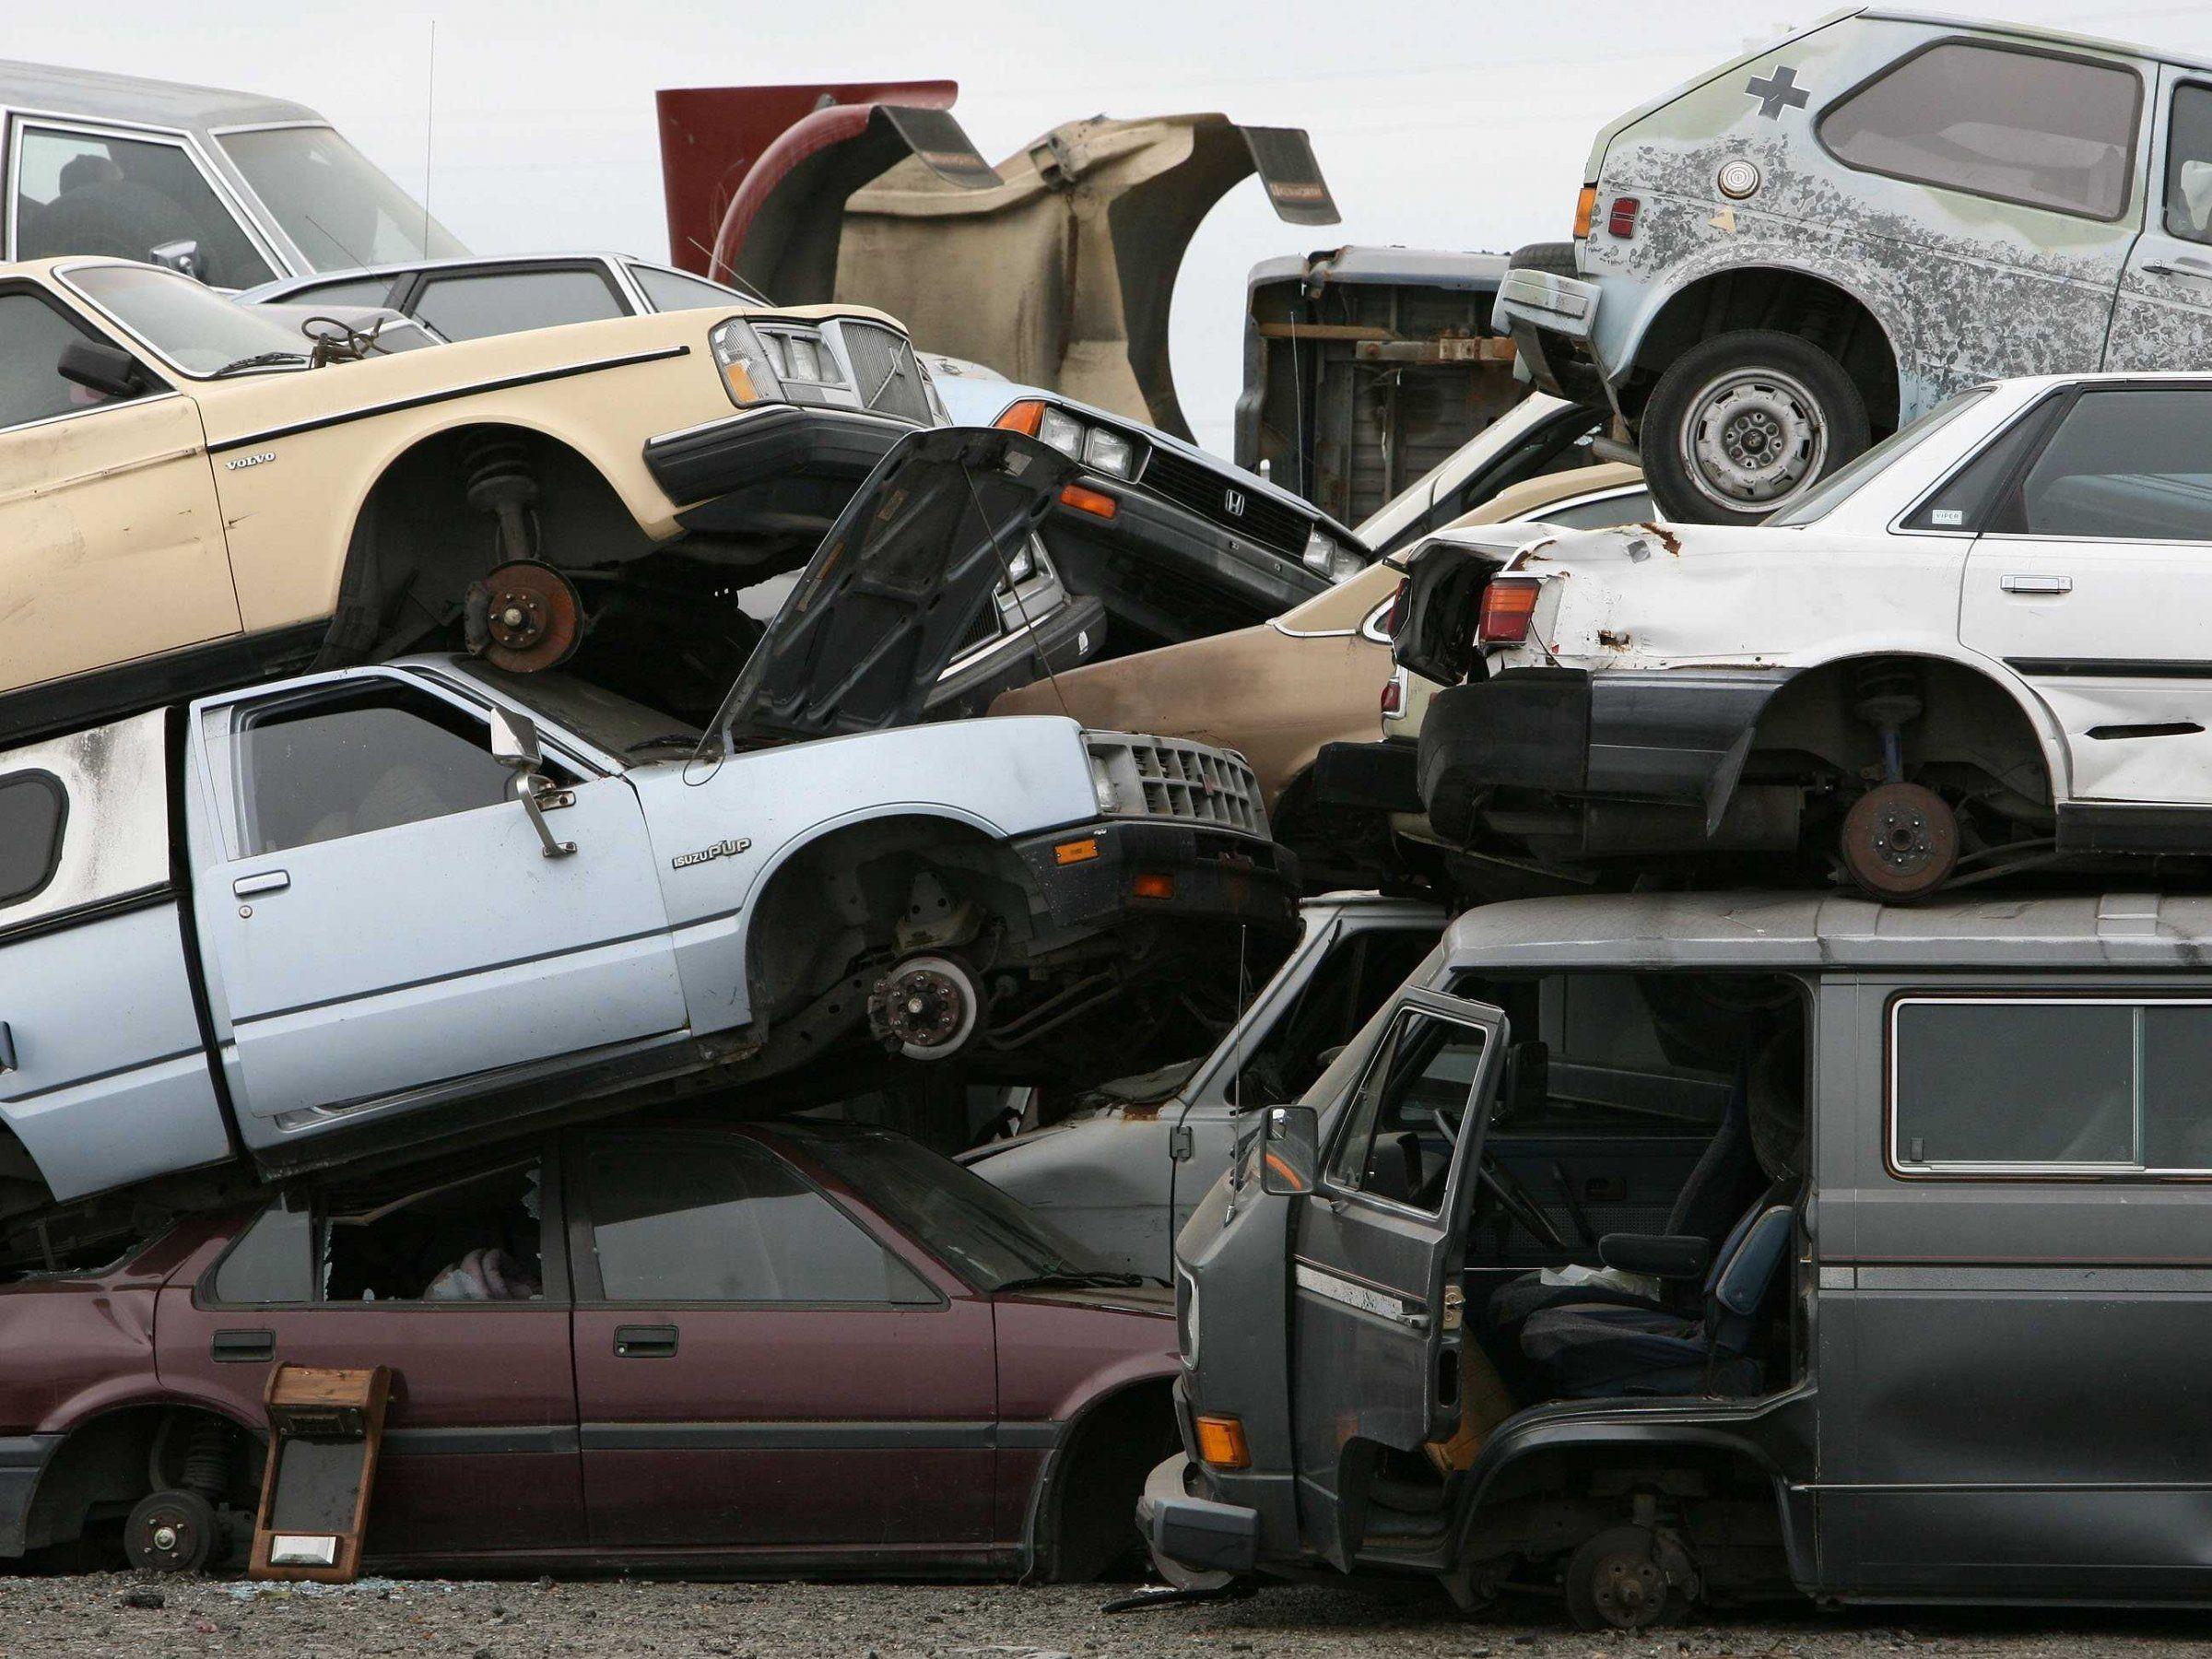 Meltdown of Houston auto sales has eerie financial crisis